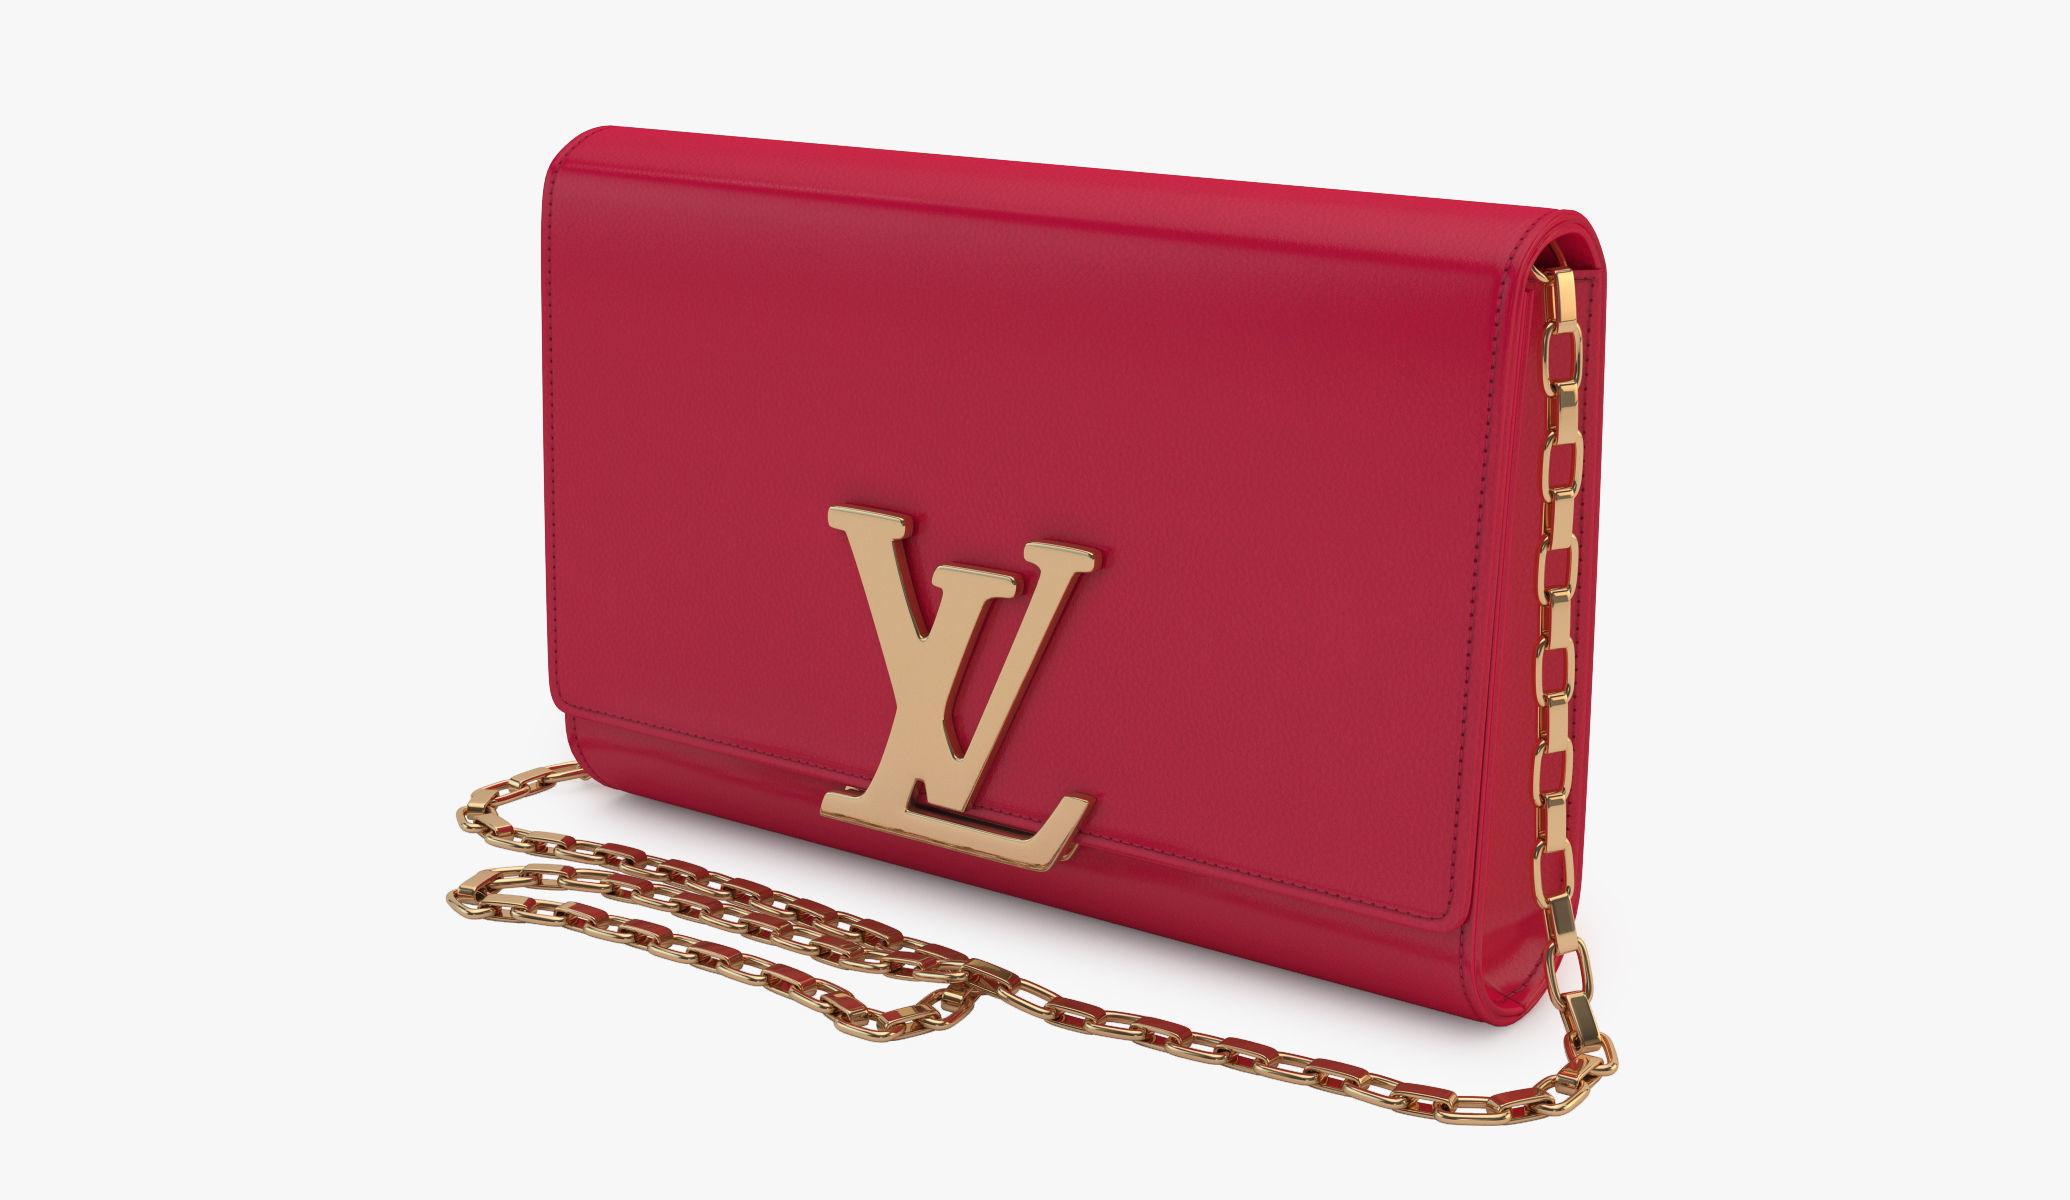 Louis Vuitton Bag 08 3d Model Max Obj 3ds Fbx